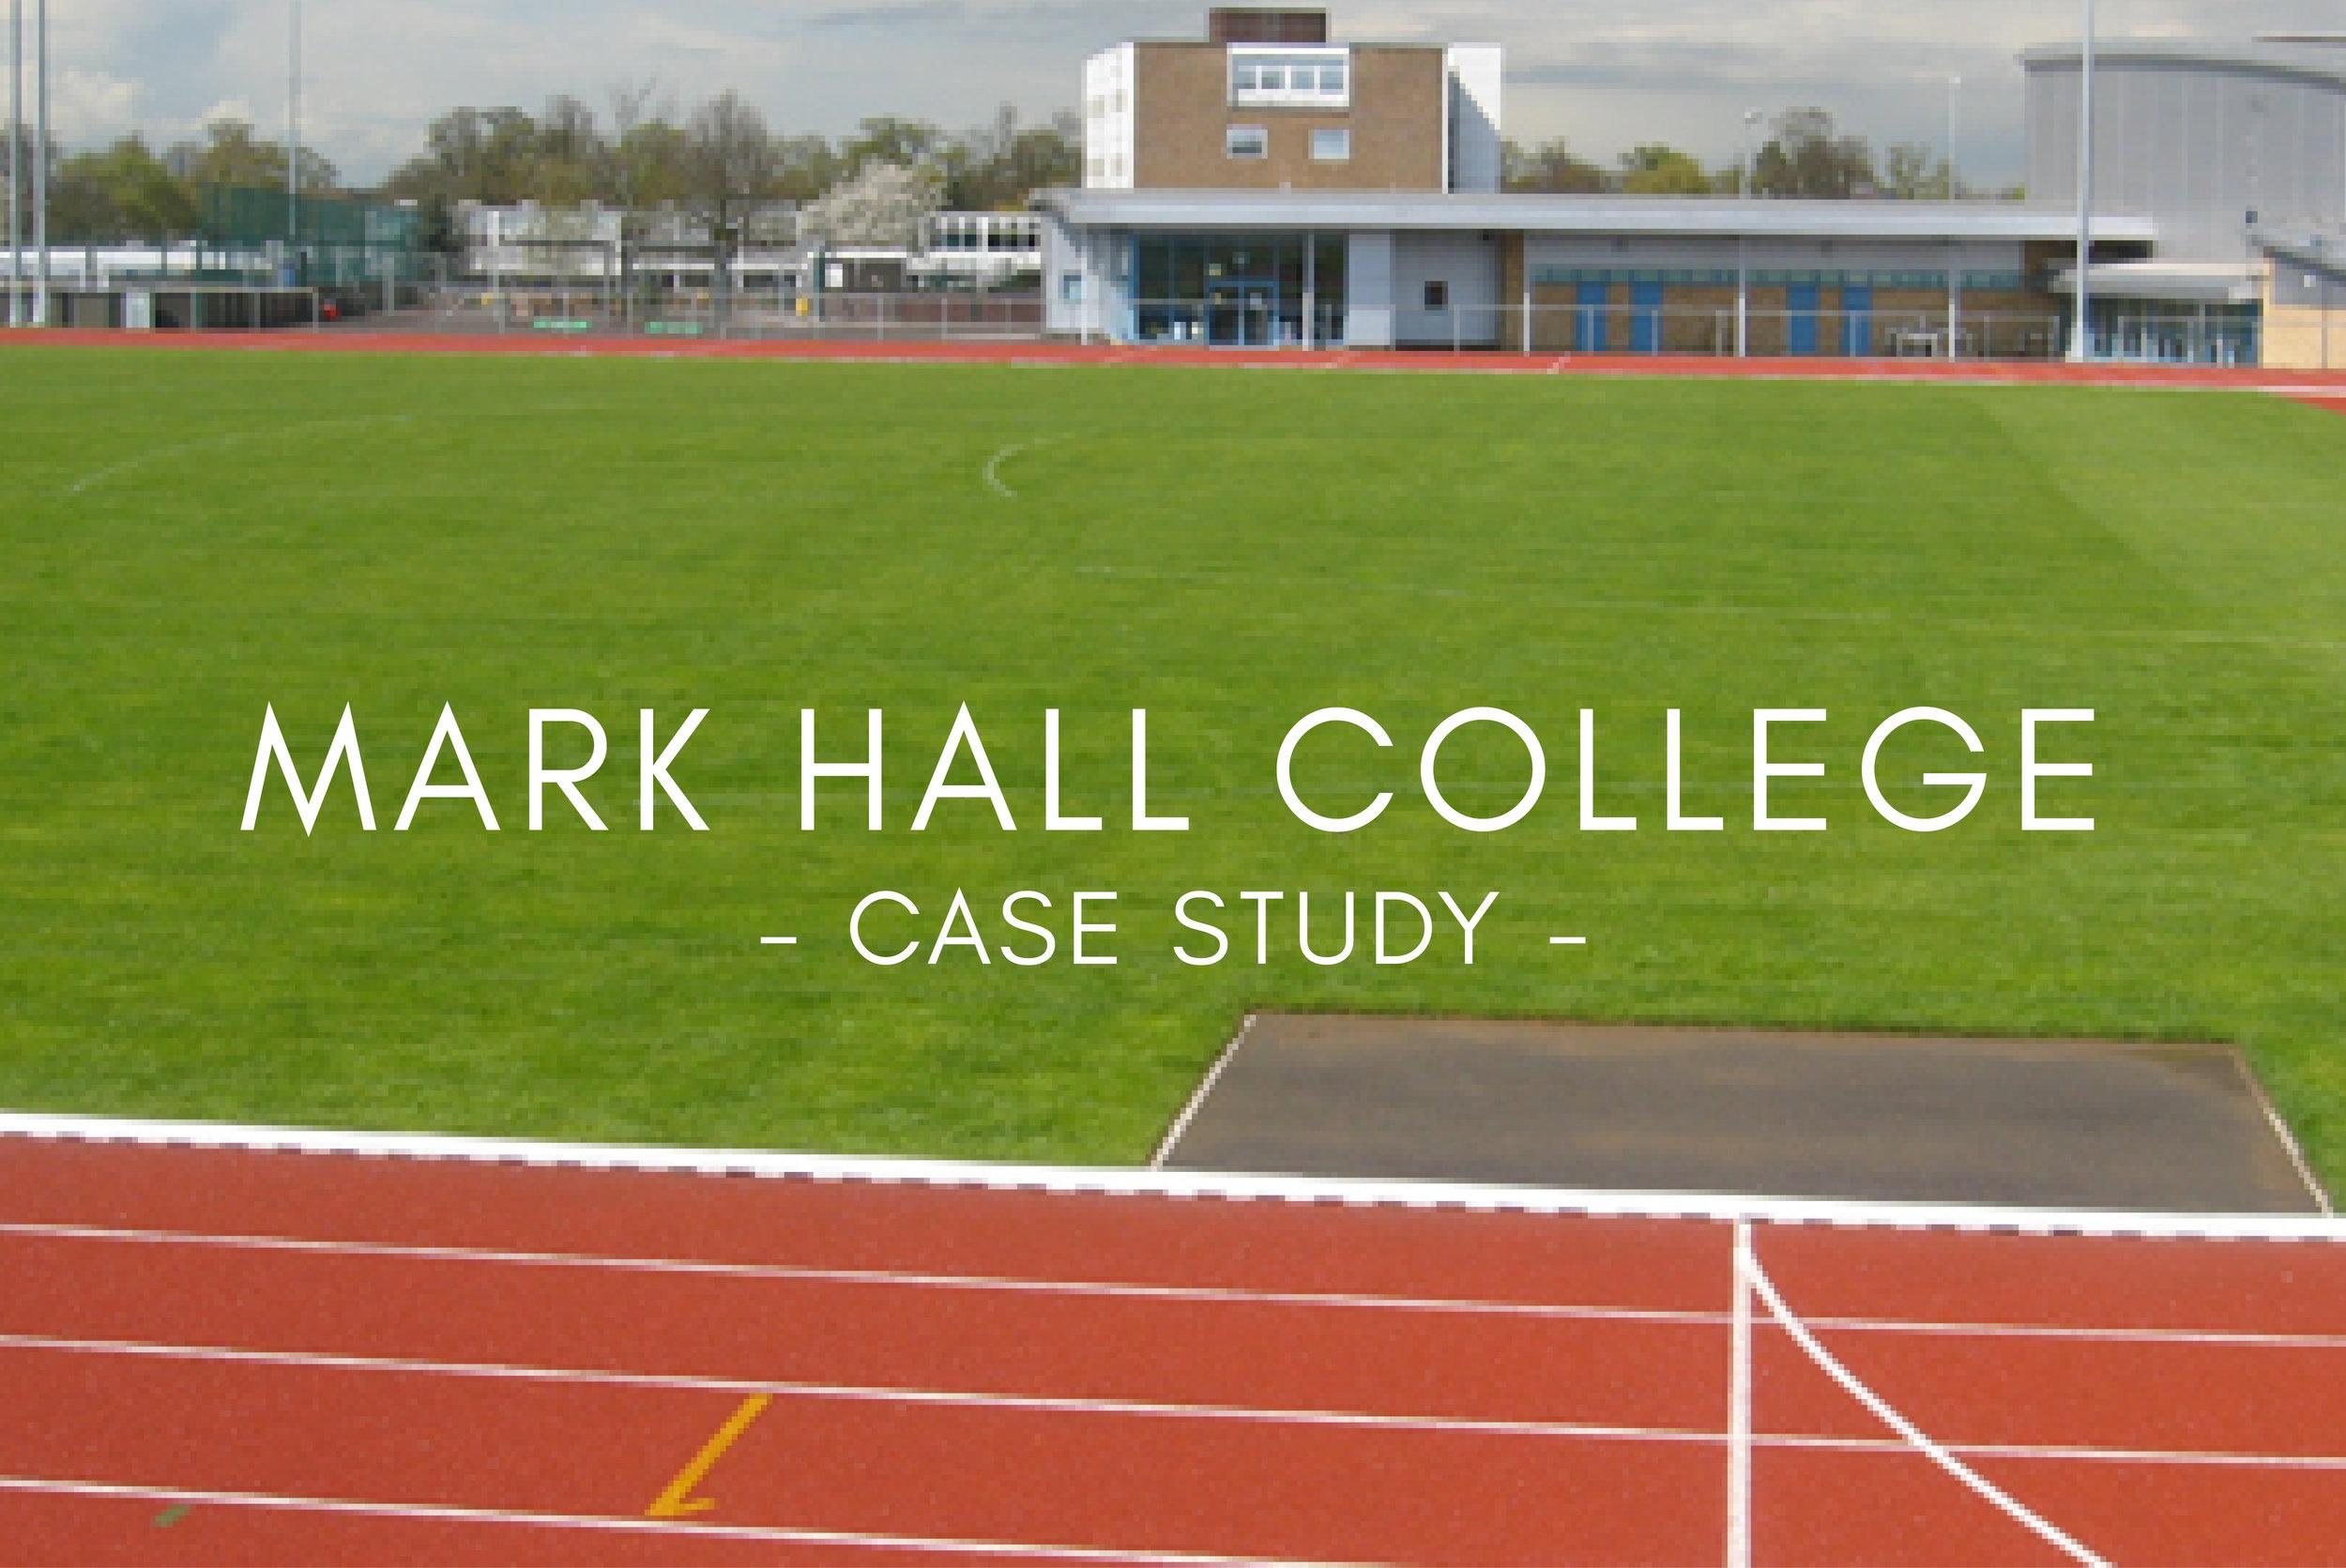 Portfolio - Mark Hall College Stadium Design & Construction